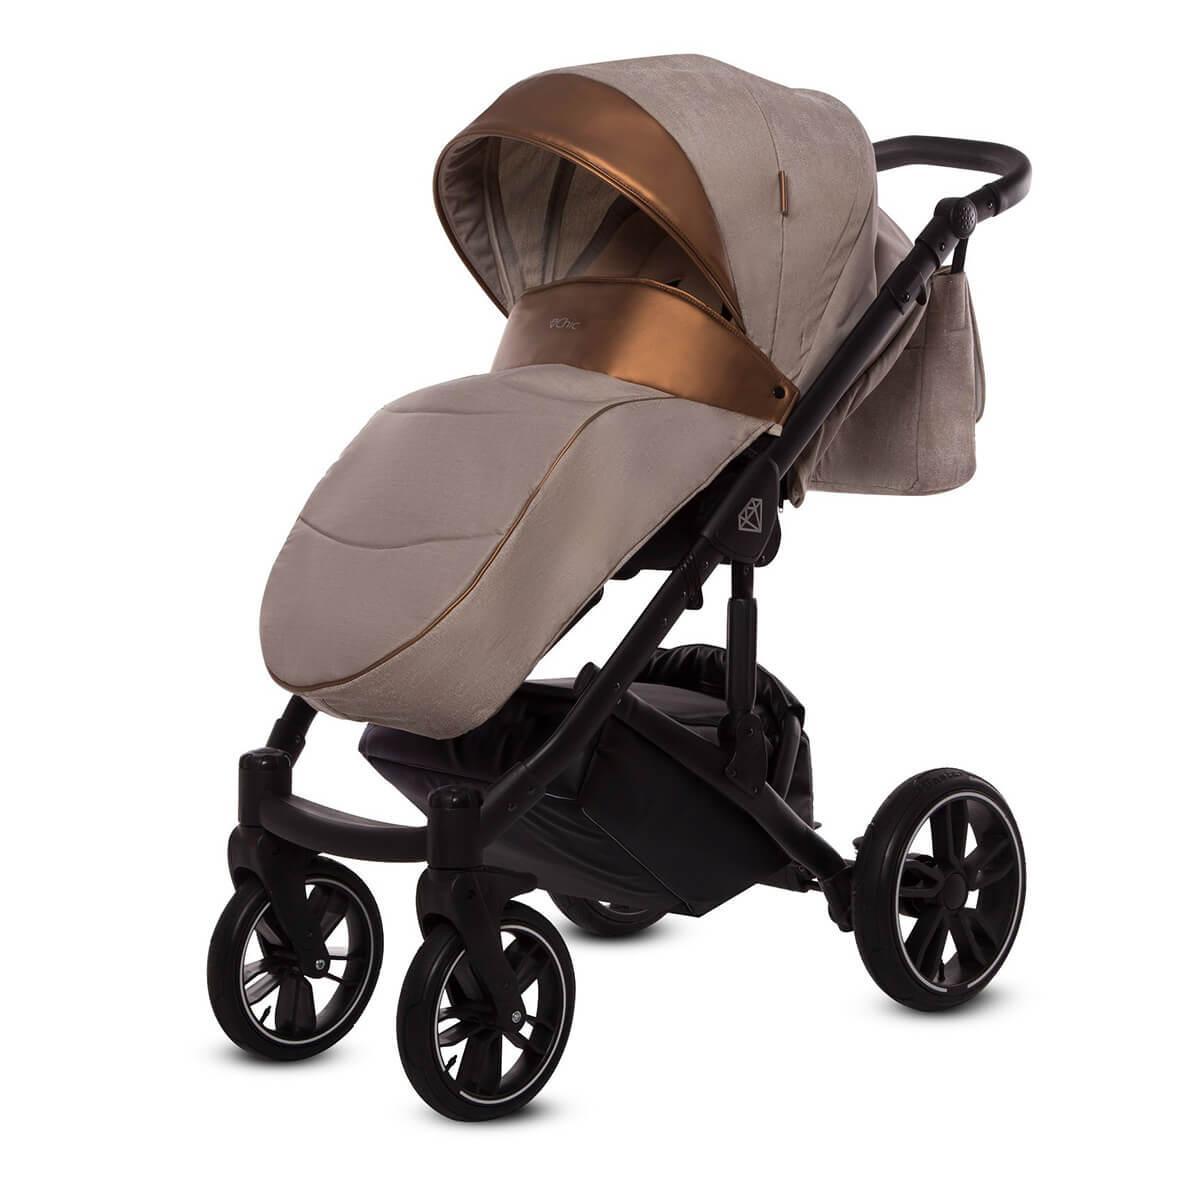 wersja spacerowa wózka babyactive chic z pokrowcem na nóżki